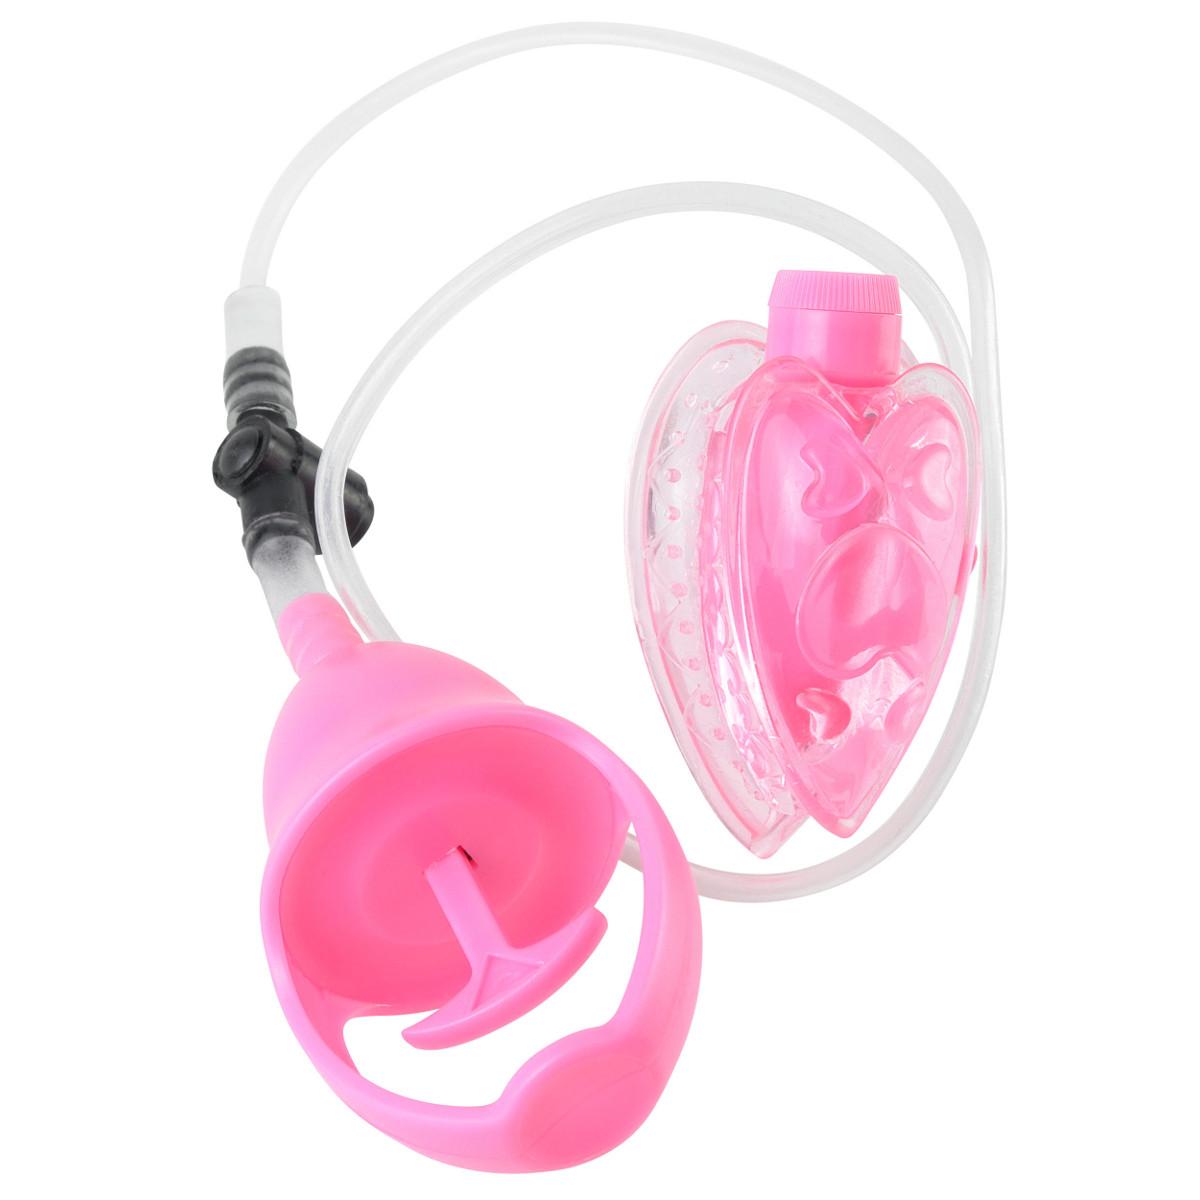 Вакуумная помпа с вибрацией Mini Pussy Pump Pink - фото 134744